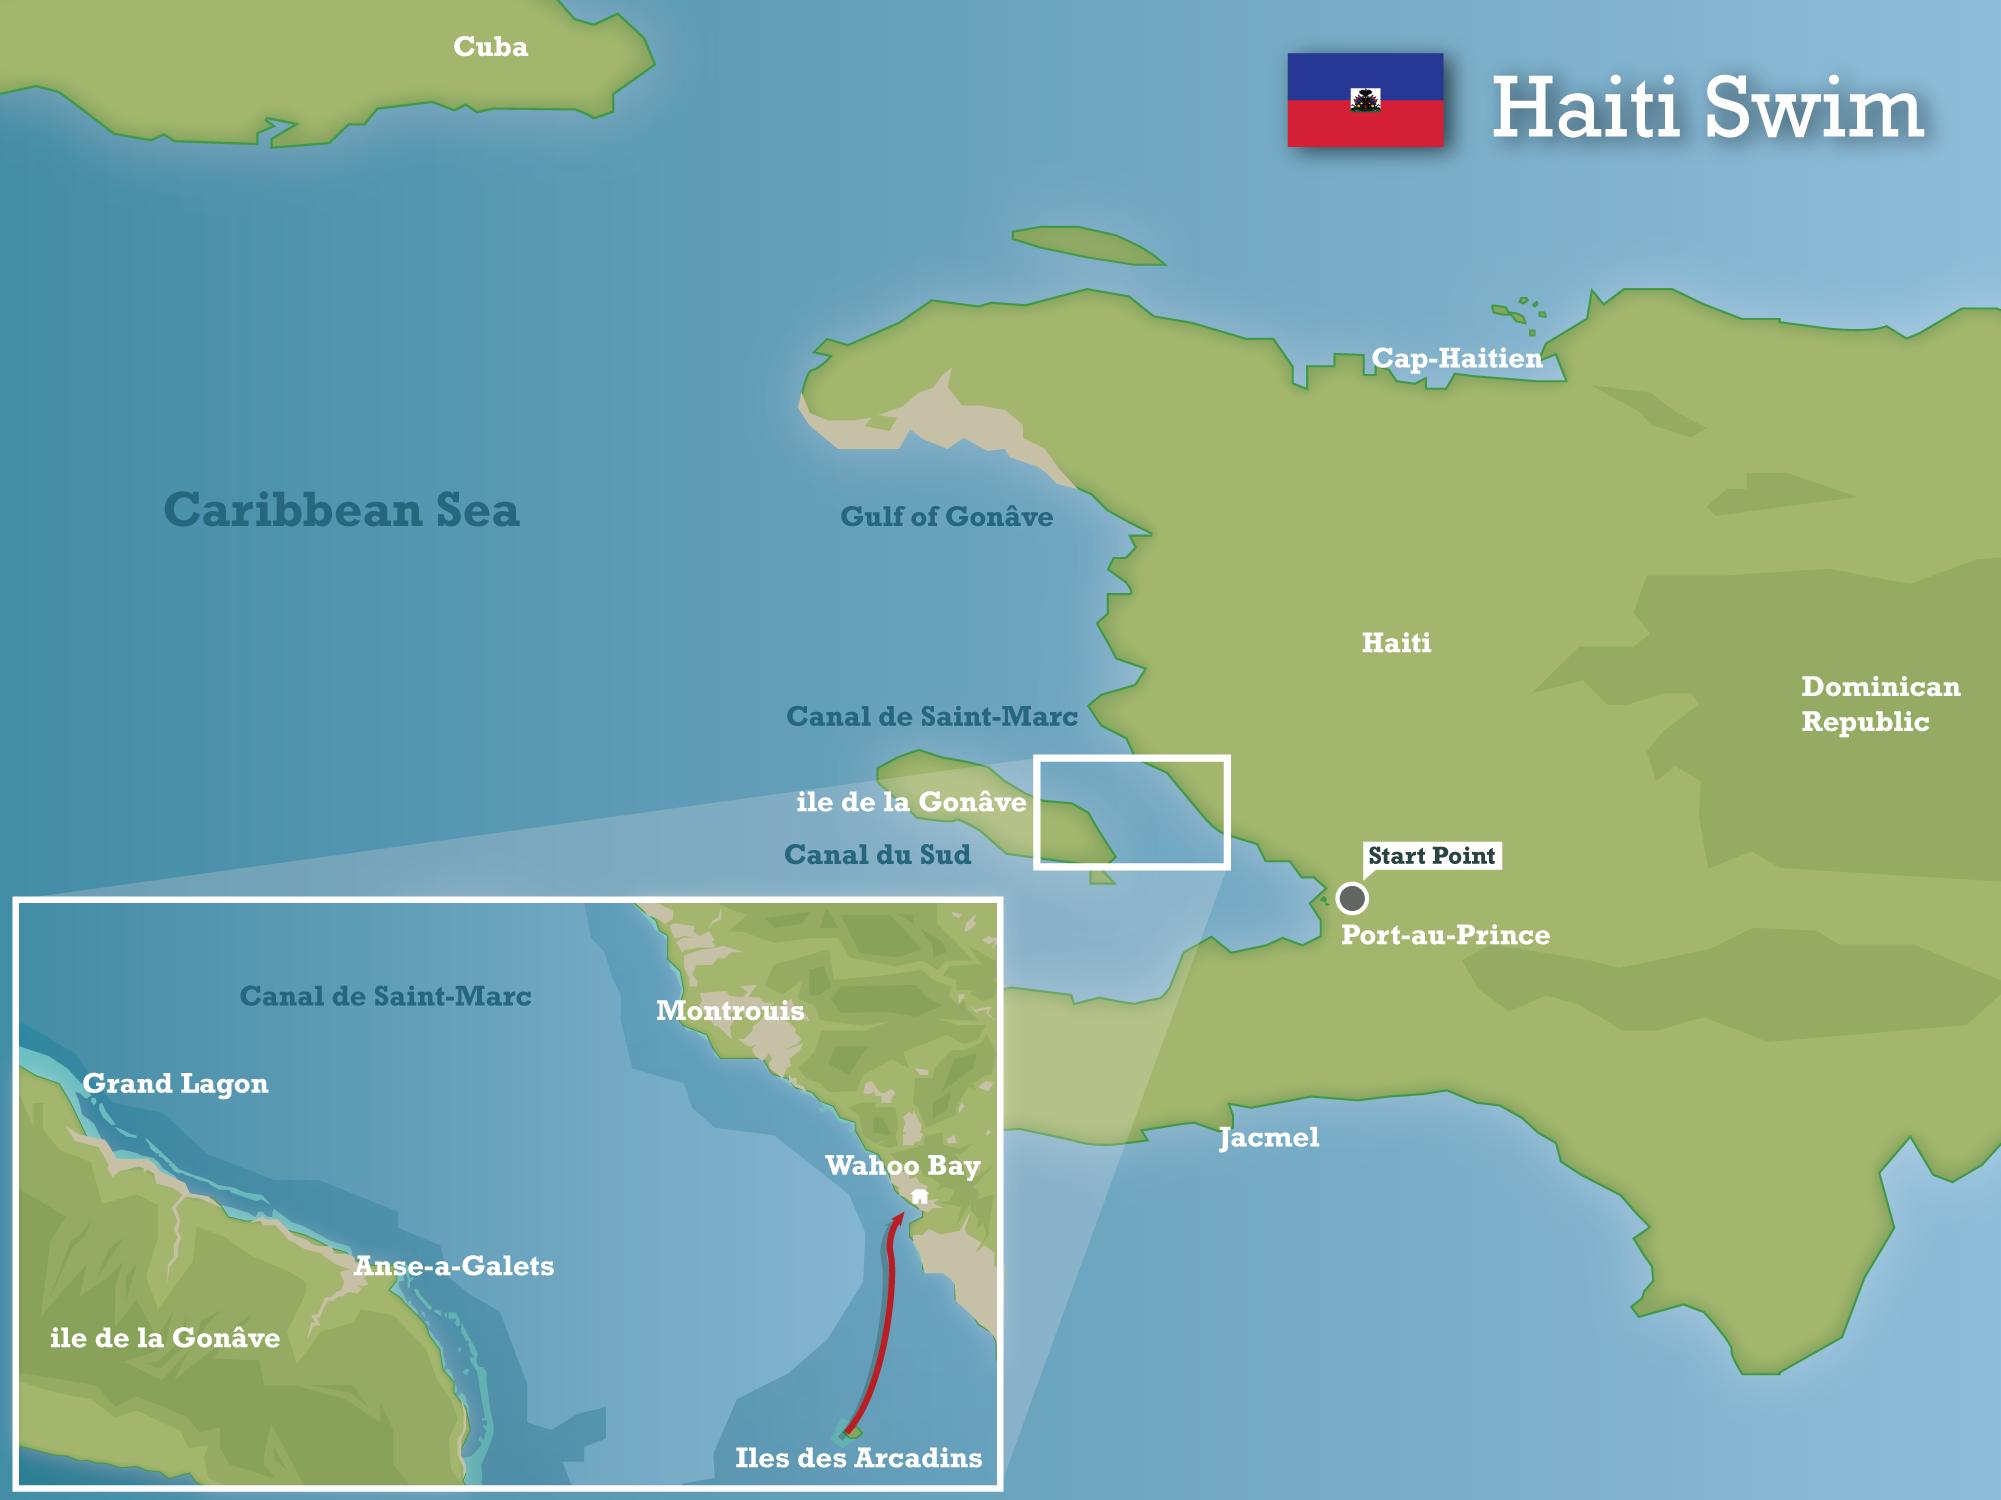 82b464b3cfe80a86413a21008dbc23a53ce02539 haiti swim